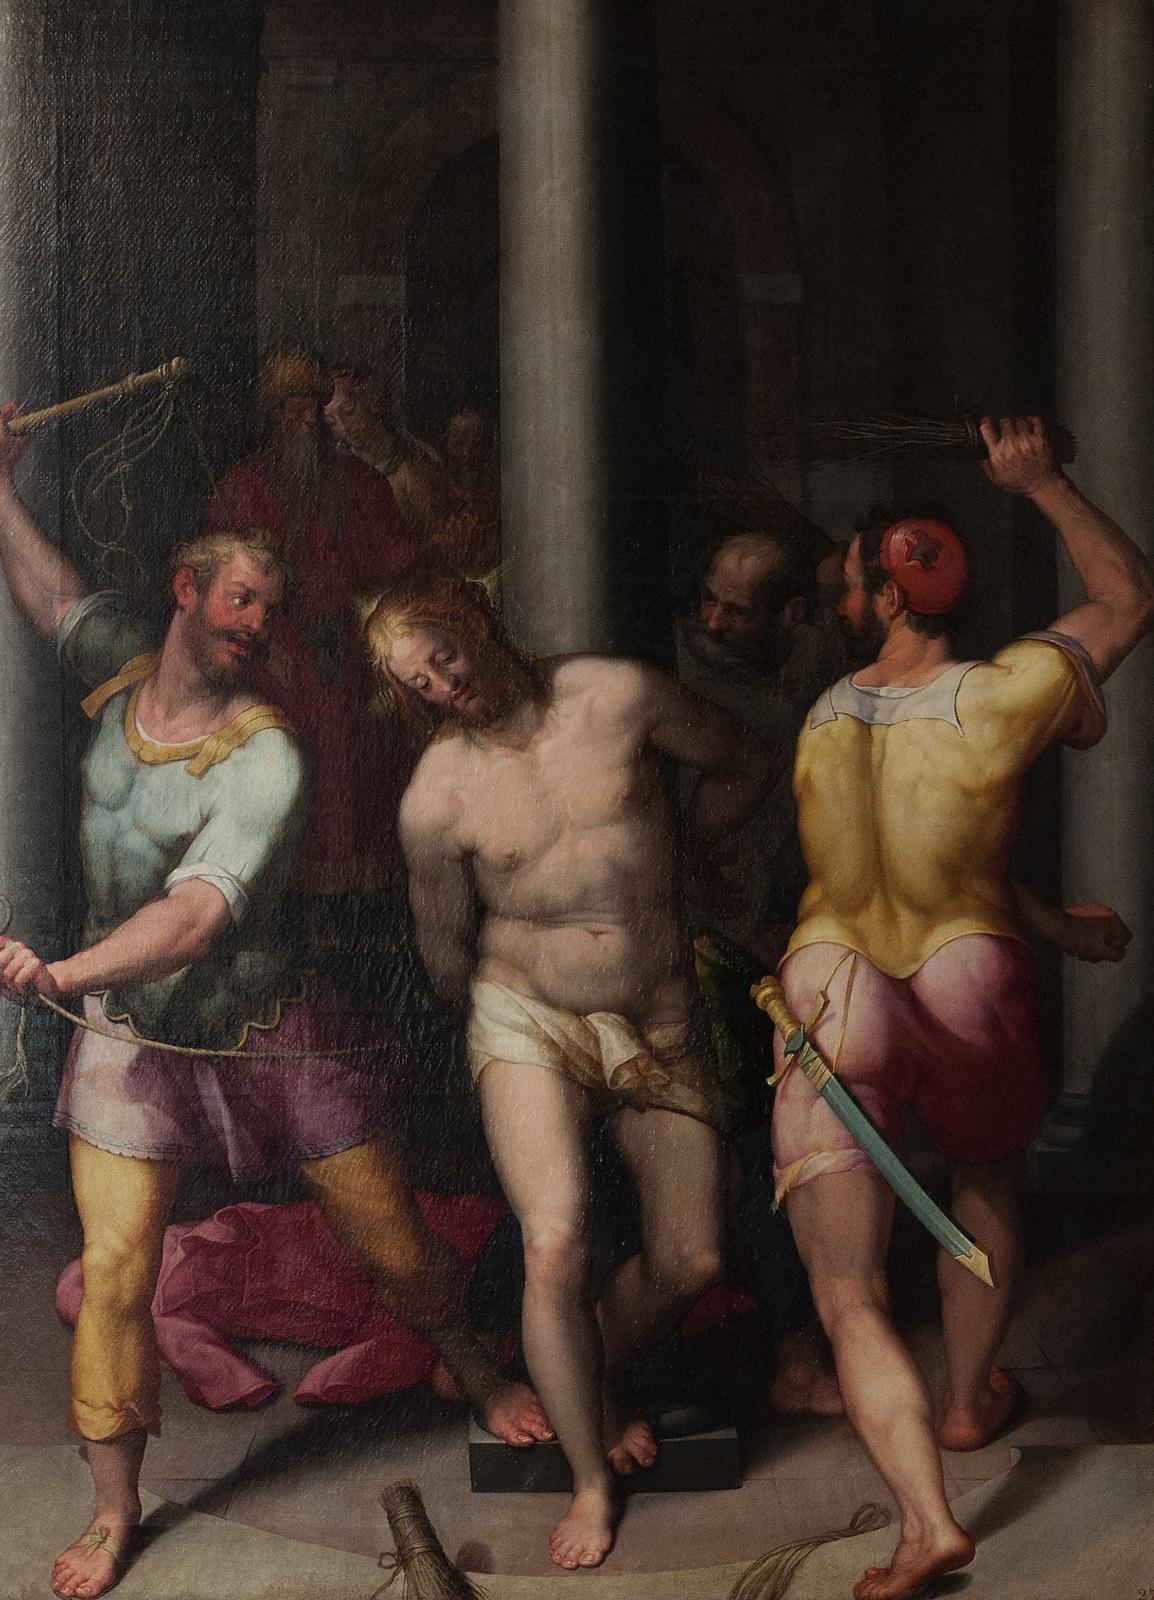 Pinacoteca Nazionale Bologna, Denijs Calvaert (1540-1619), De geseling van Christus